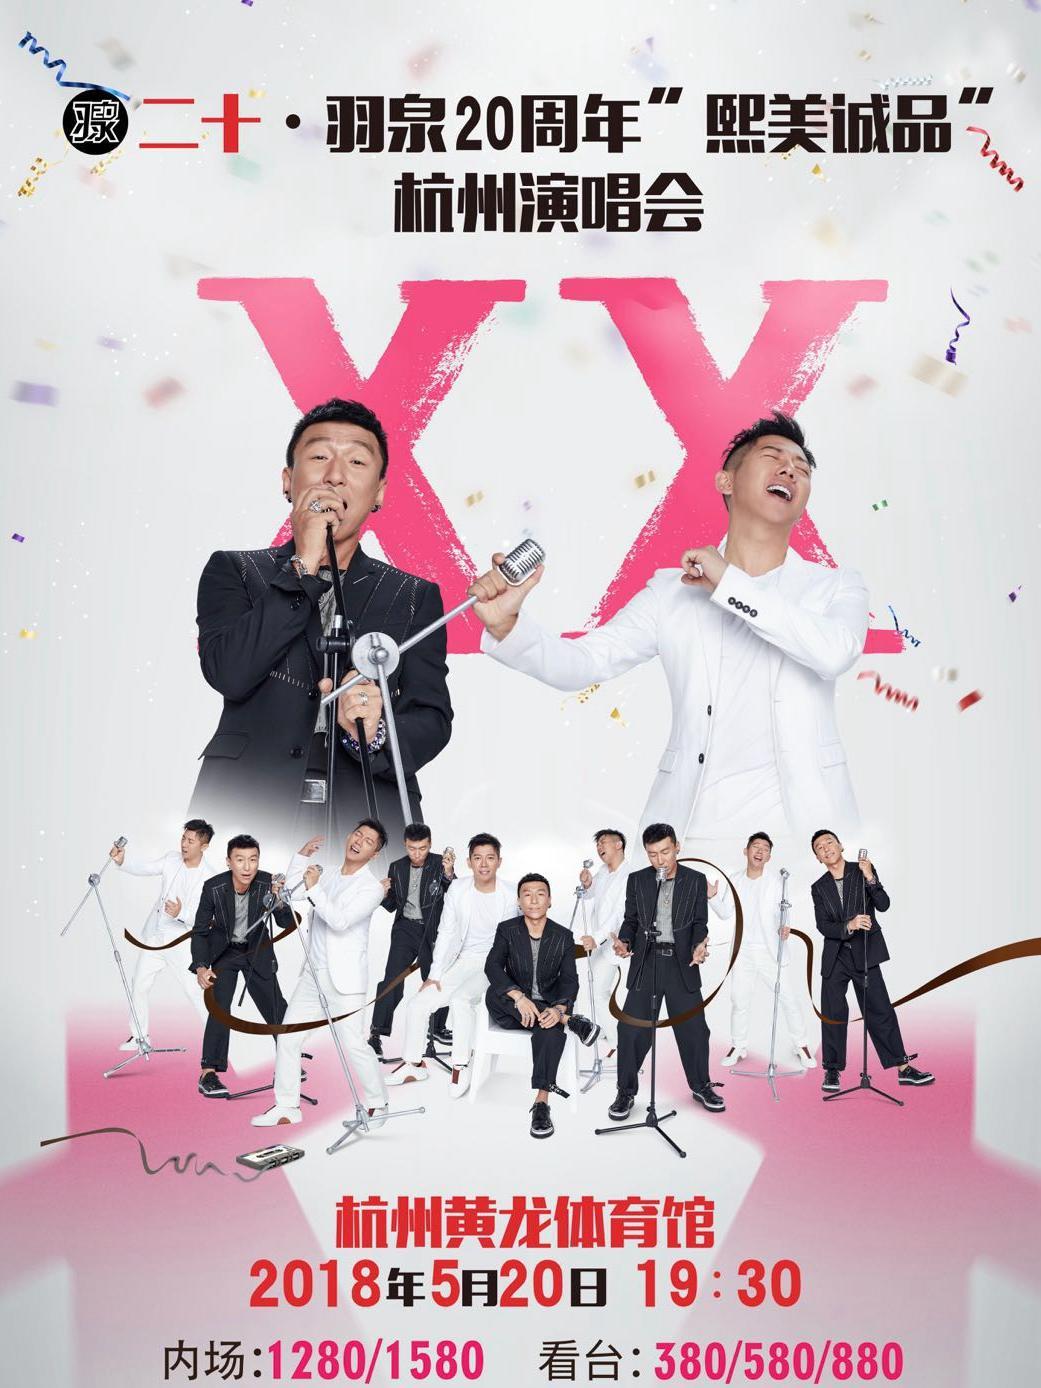 羽泉杭州演唱会